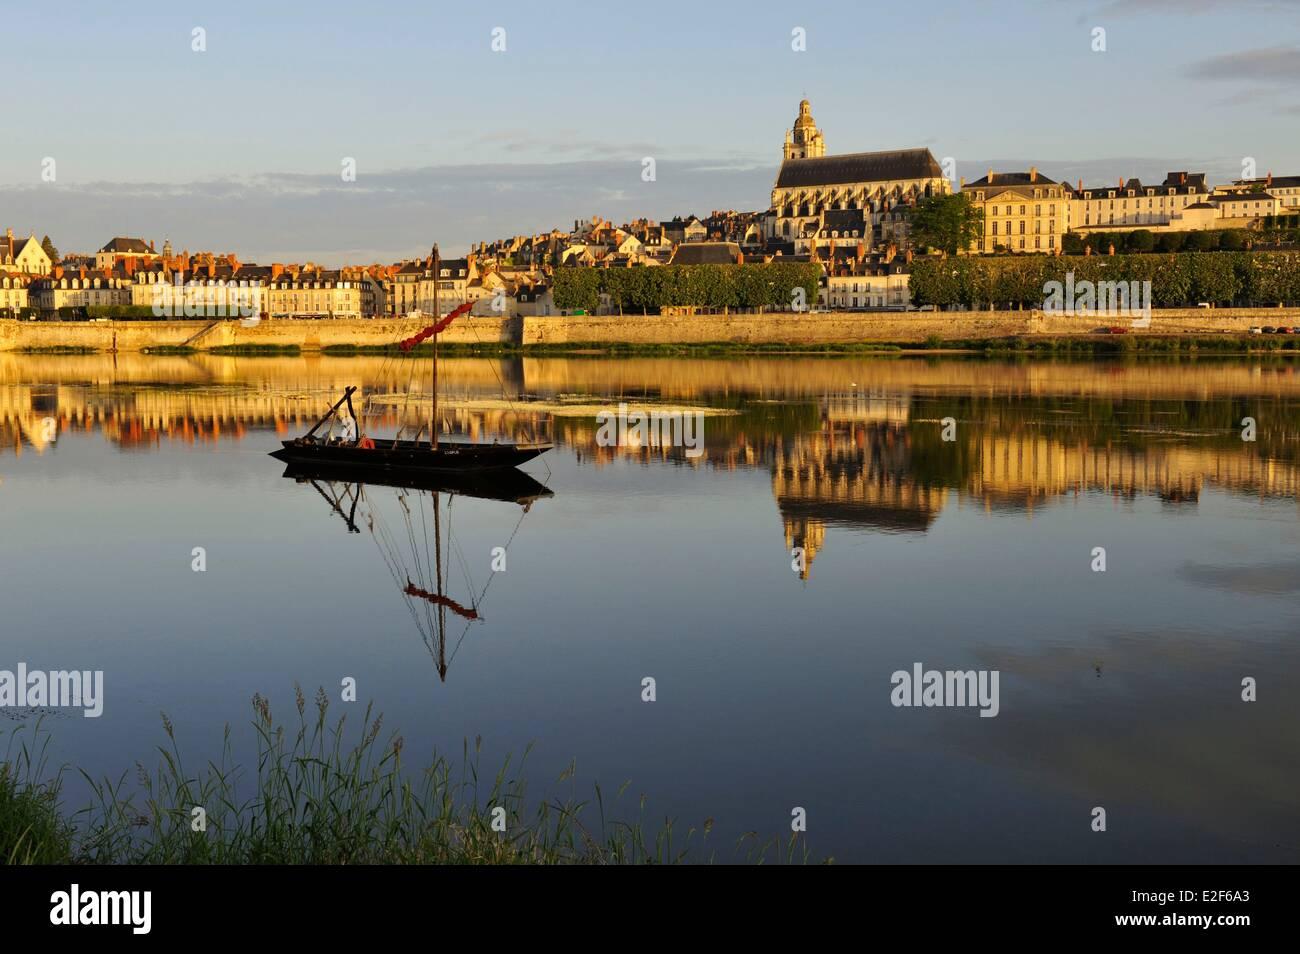 France Loir et Cher Loire Valley listed as World Heritage by UNESCO Blois Pont Jacques Gabriel bridge over Loire - Stock Image